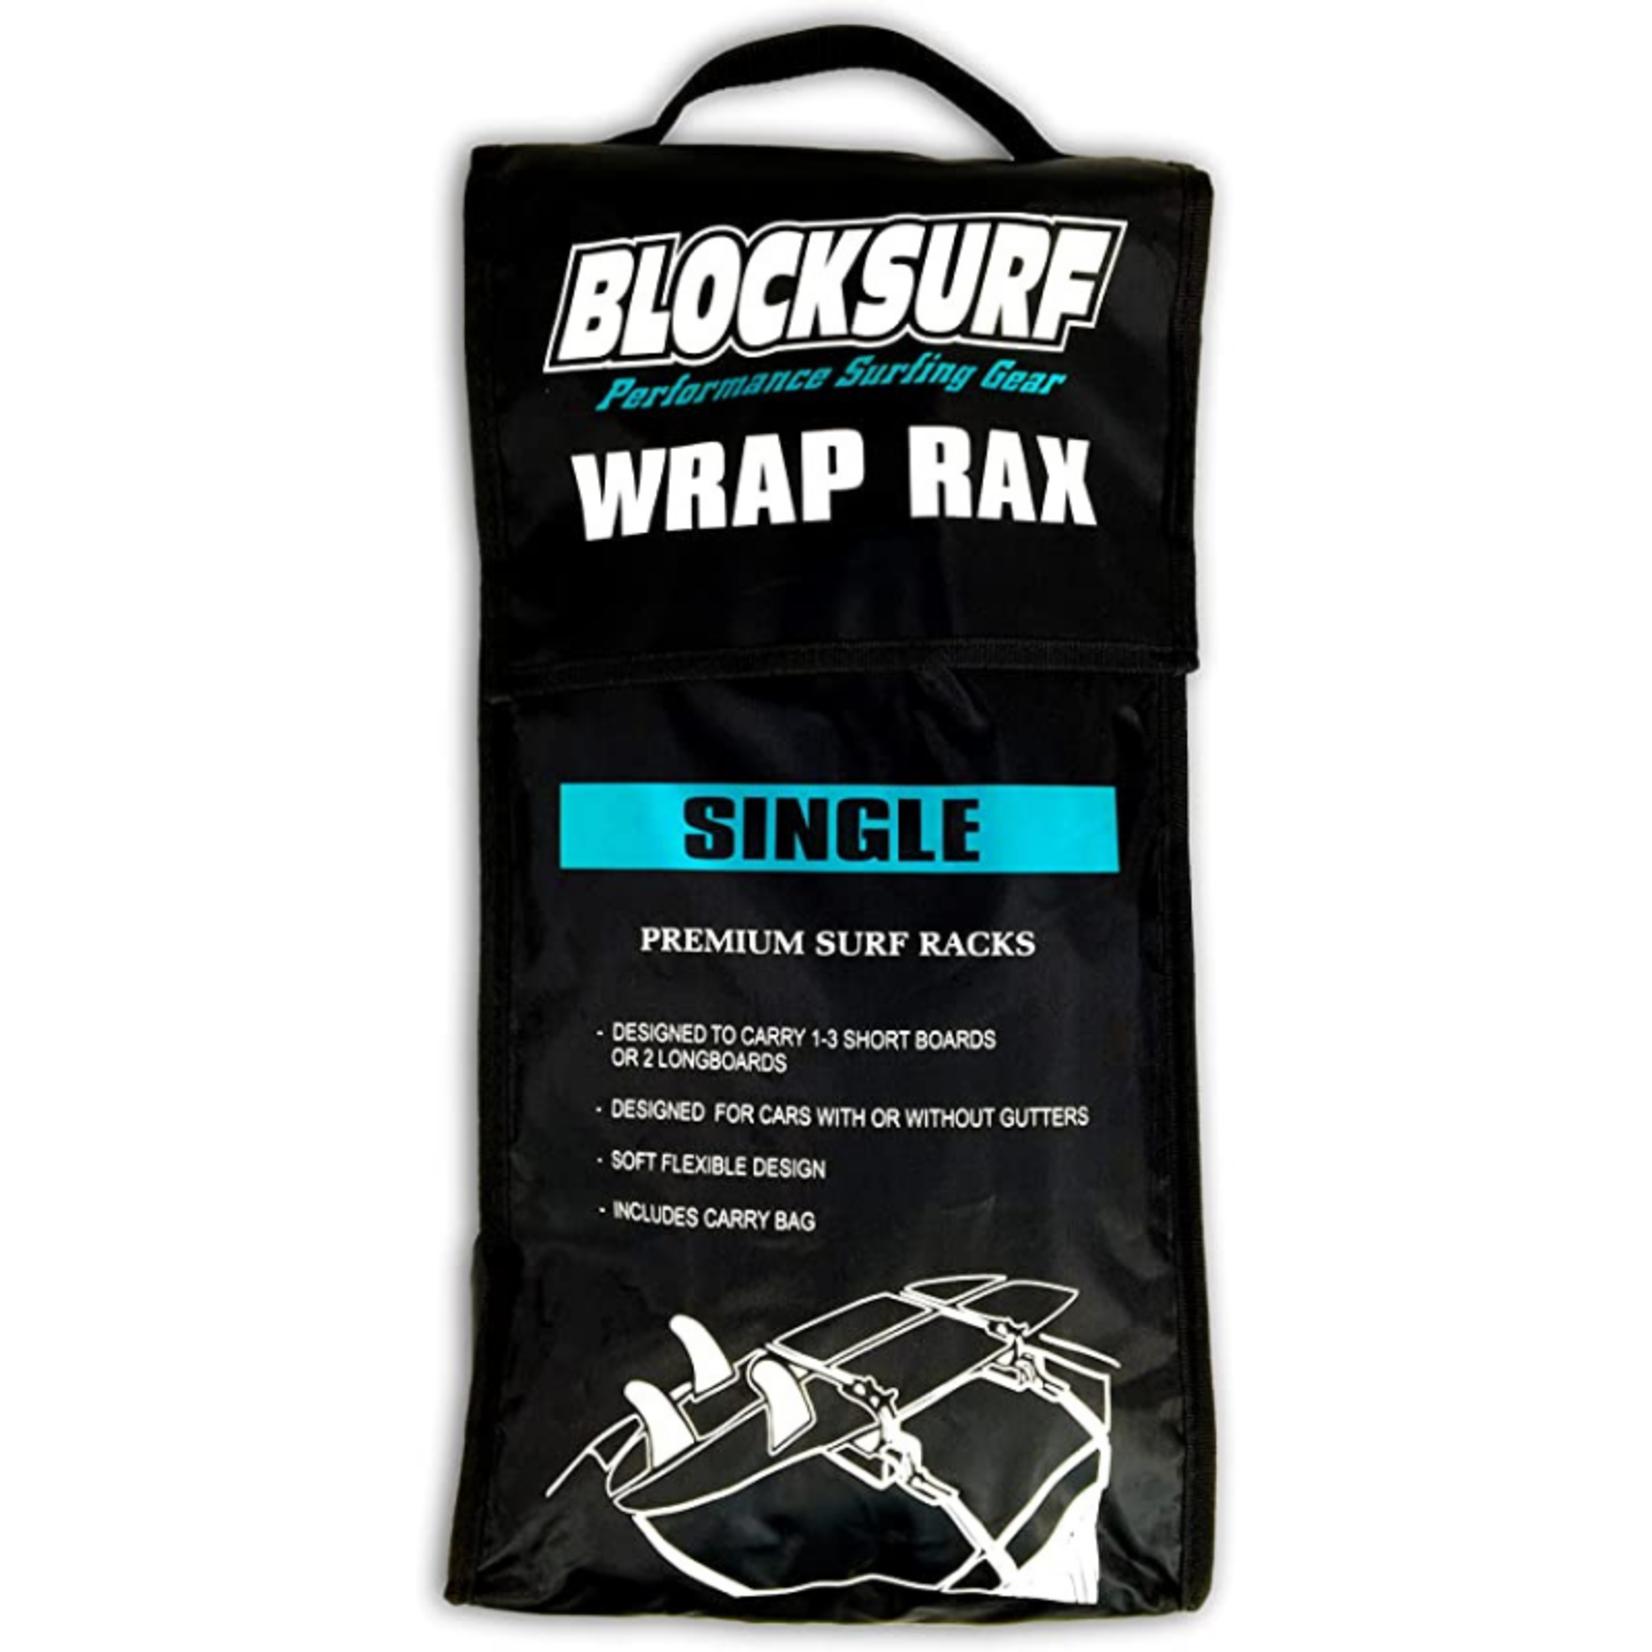 BLOCKSURF Blocksurf Wrap Rax Single